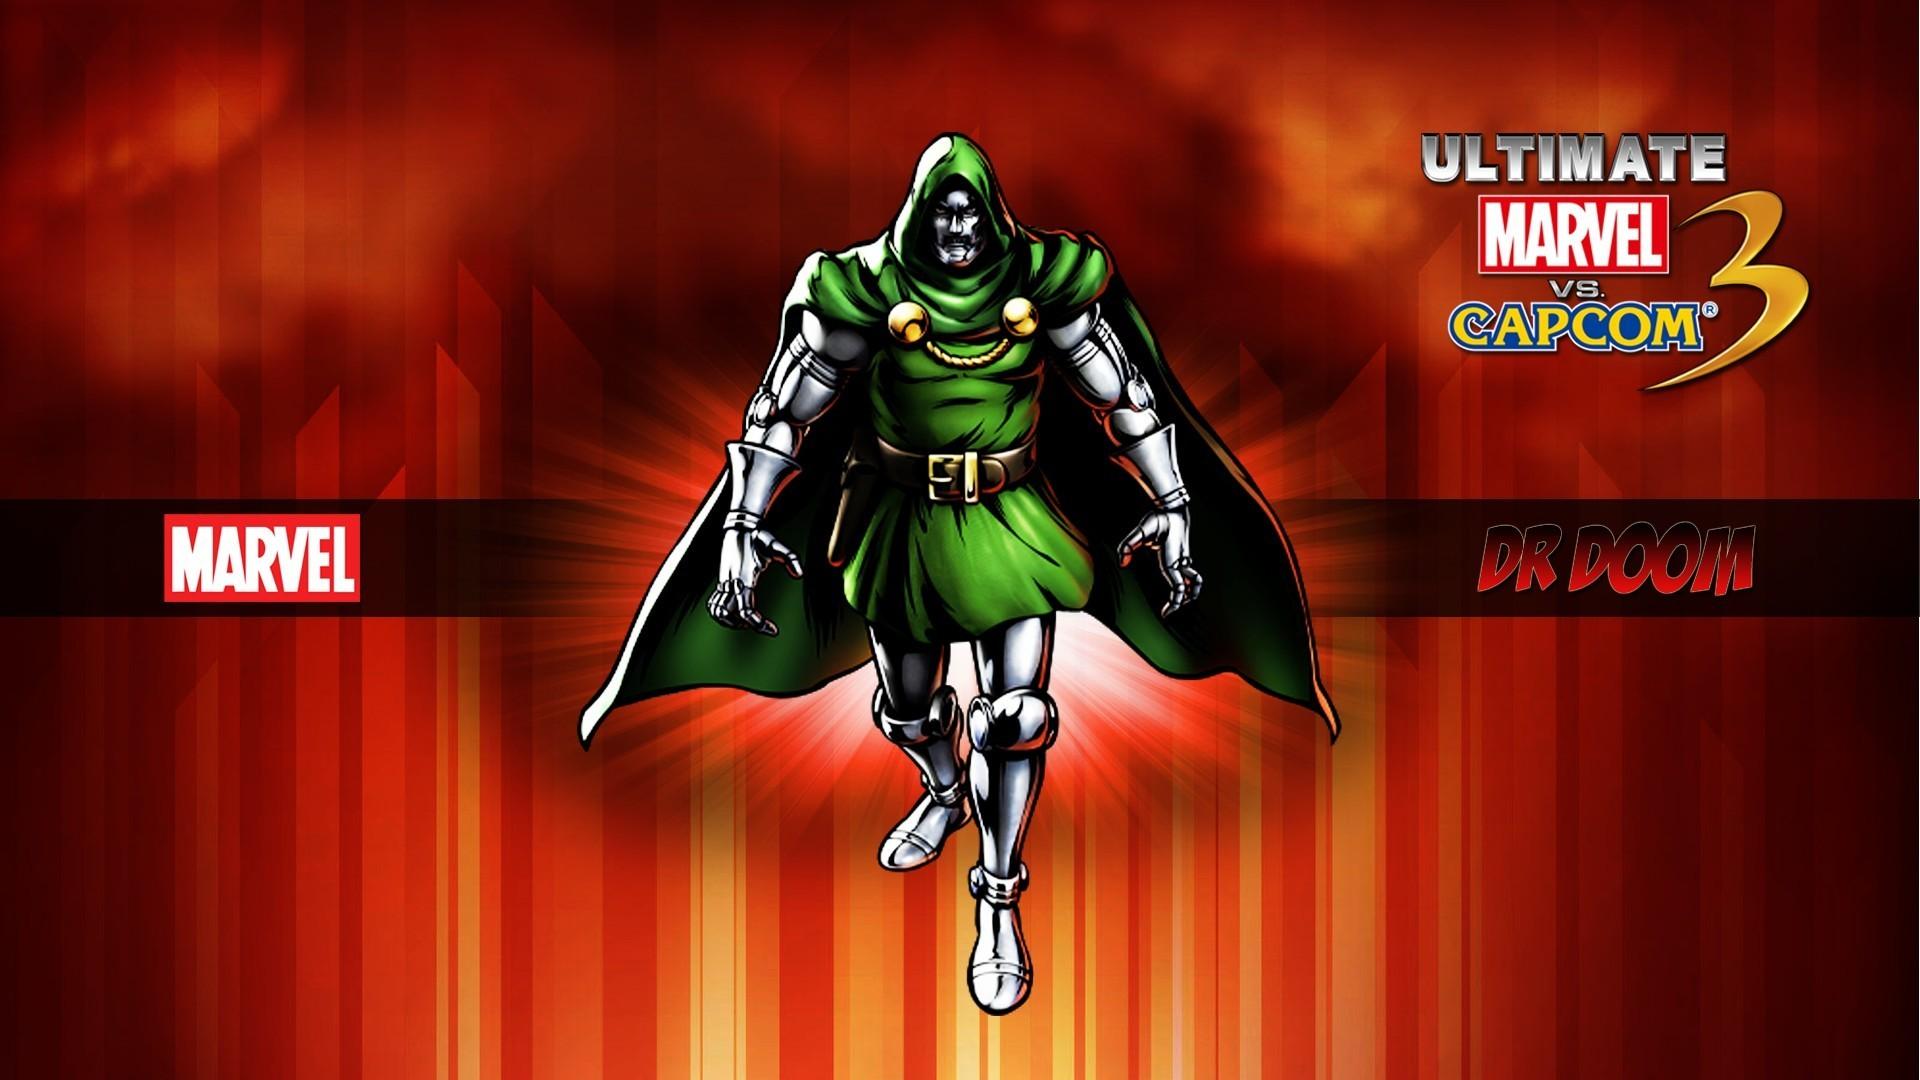 Capcom dr doom marvel vs 3 comics wallpaper